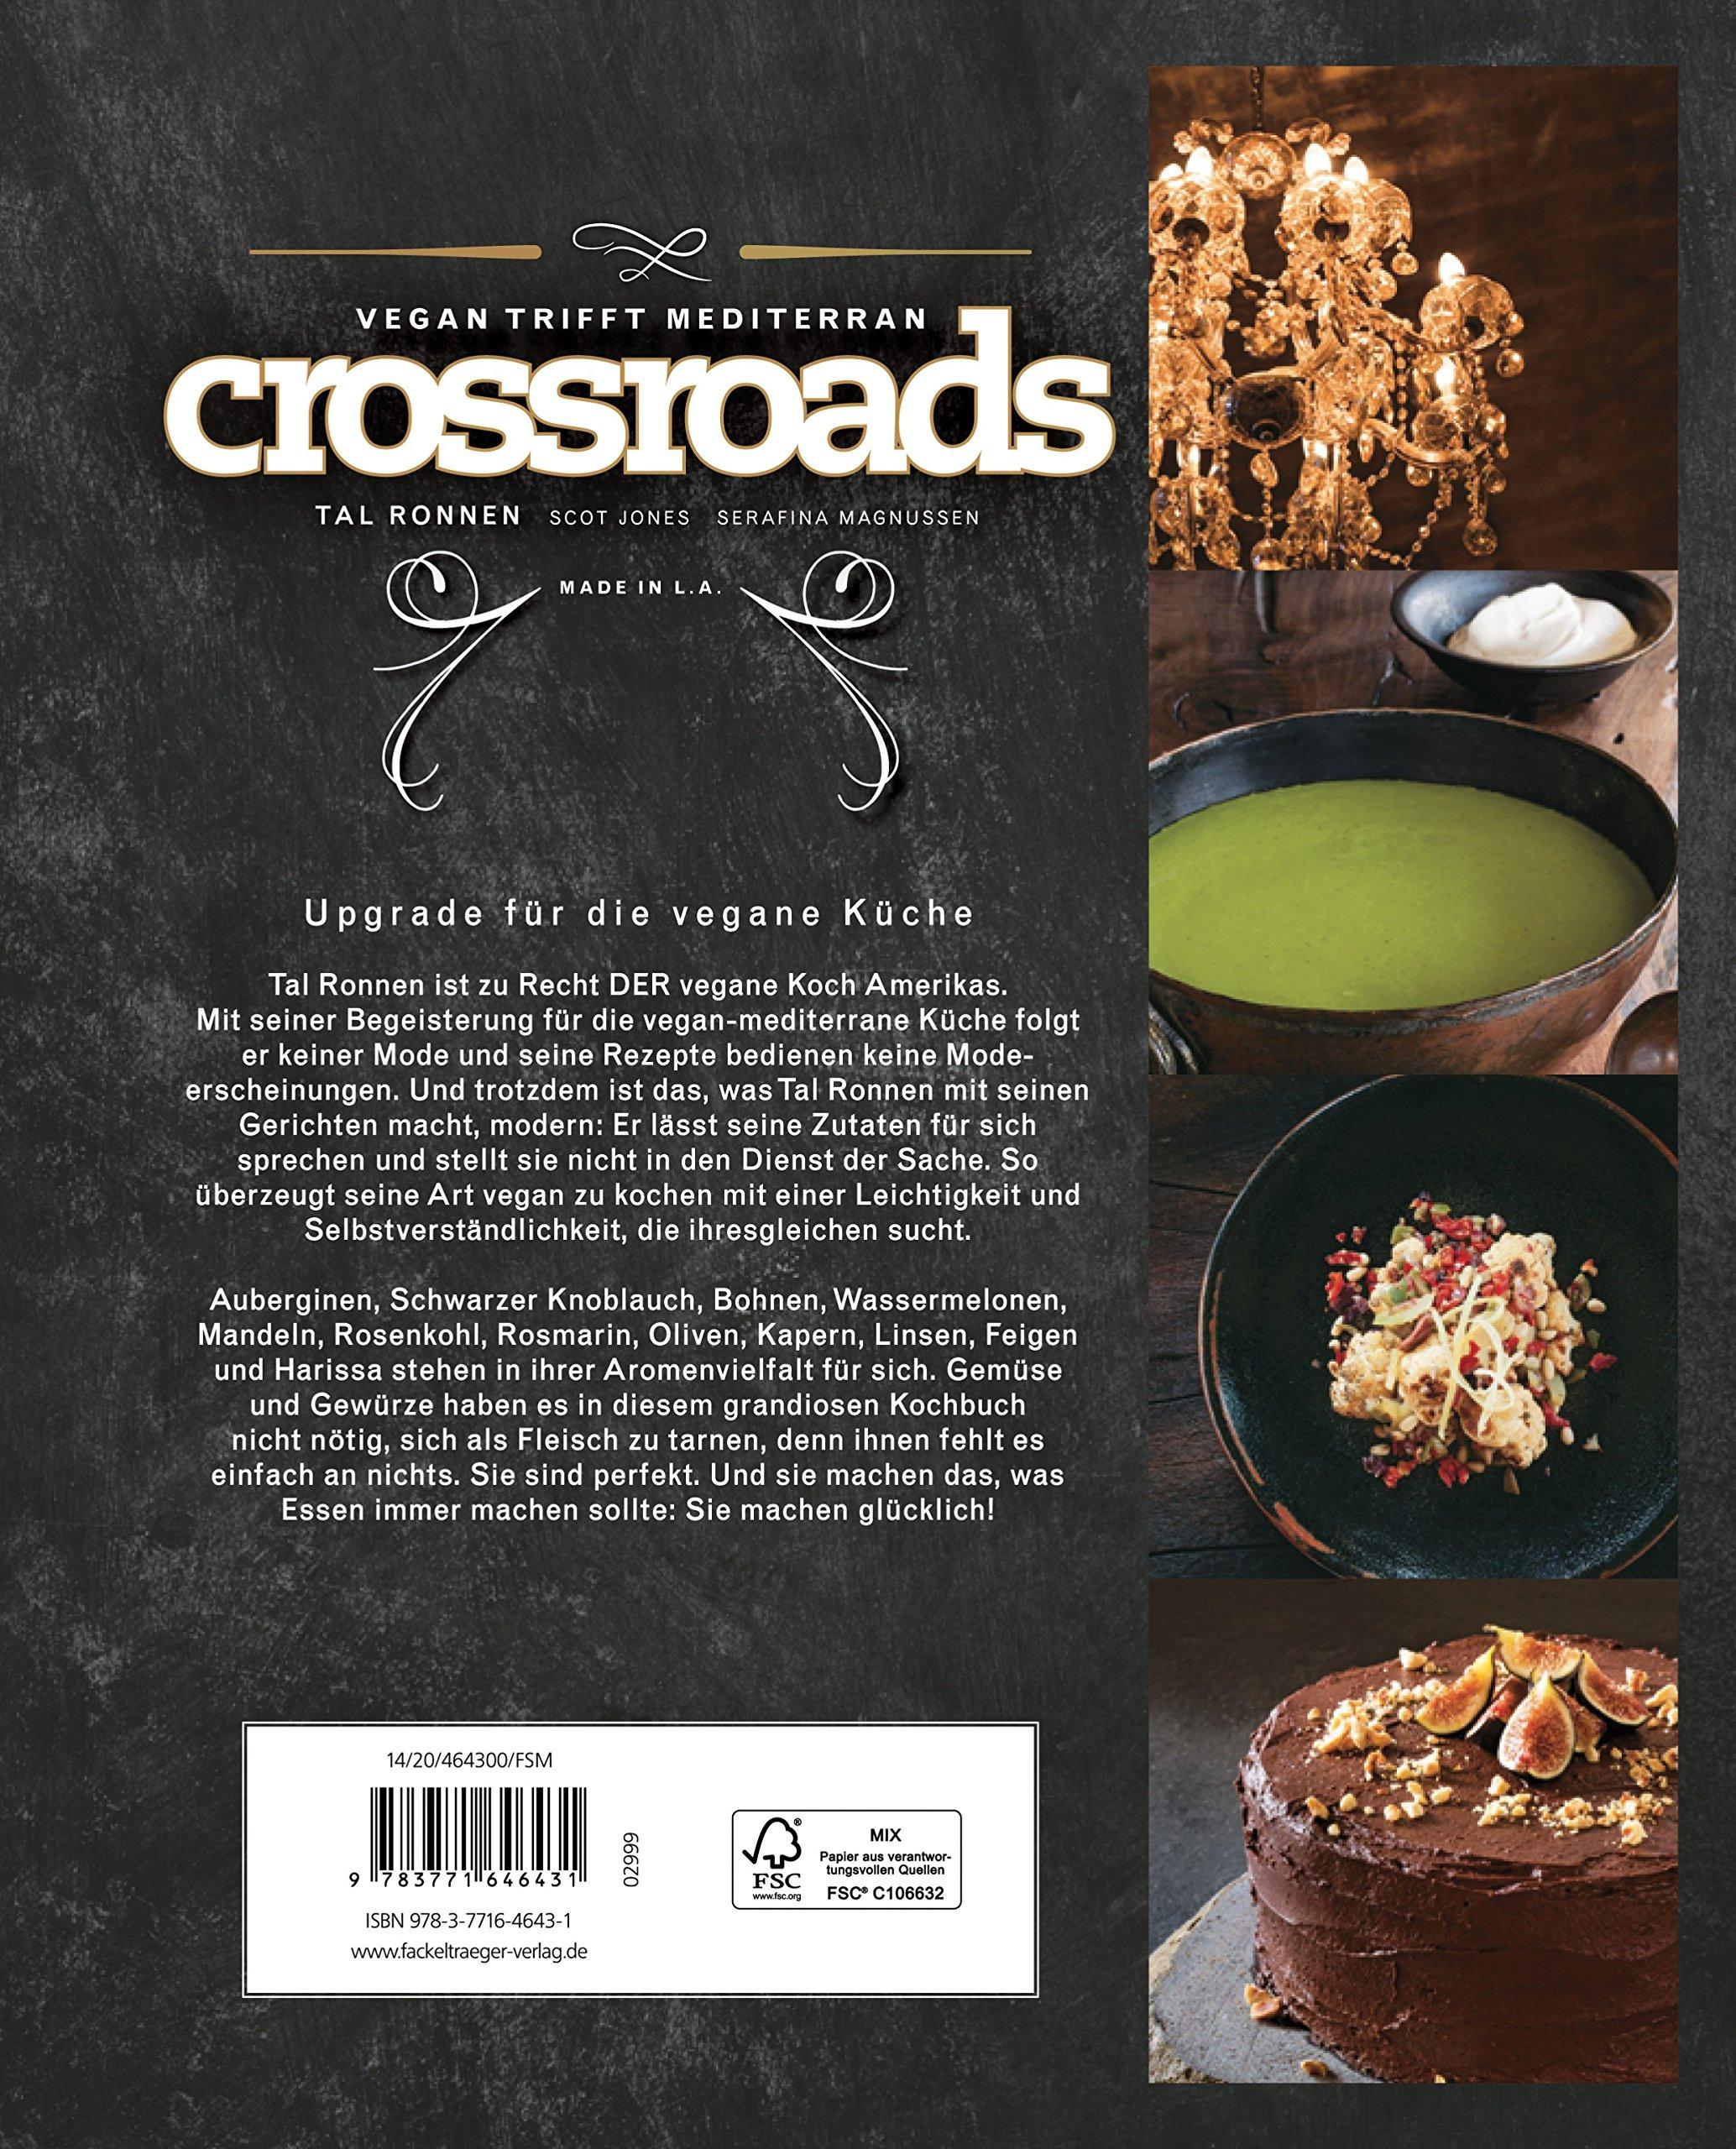 Crossroads - Vegan trifft mediterran: Amazon.de: Tal Ronnen: Bücher